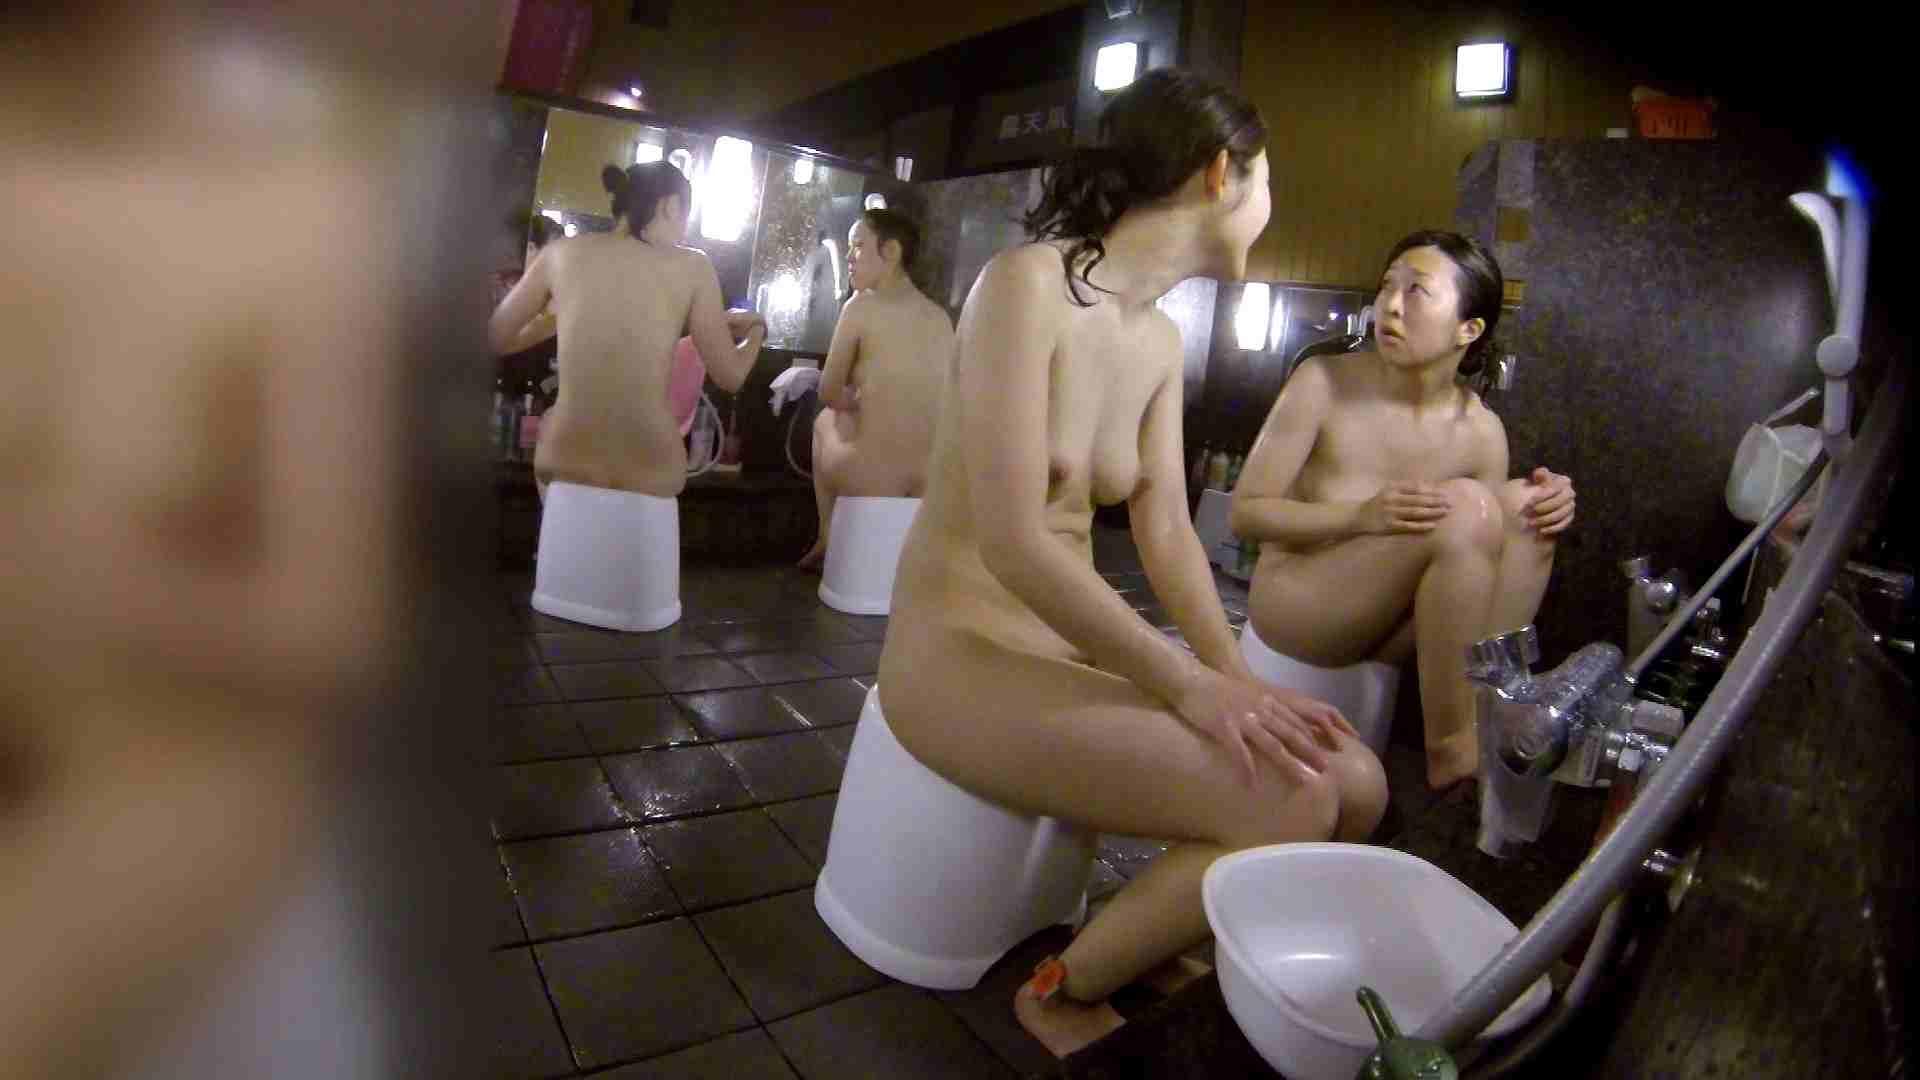 洗い場!地味目の女の子2人組。ずっと話しながら洗ってます。 細身女性 ヌード画像 52画像 11